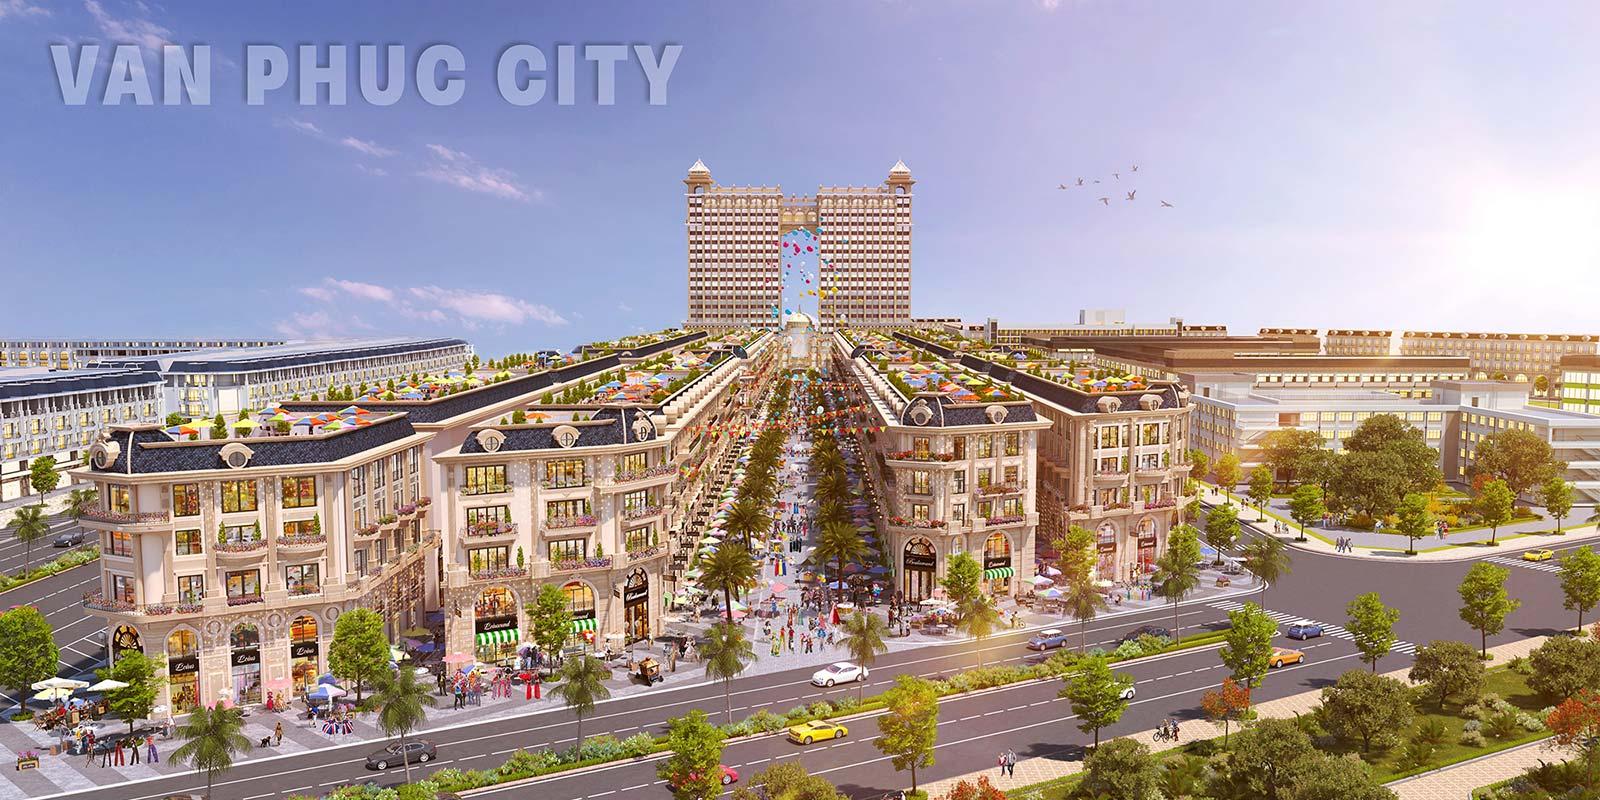 Phối cảnh dự án Khu Đô Thị Vạn Phúc City Quận Thủ Đức Đường Quốc lộ 13 chủ đầu tư Vạn Phúc Group